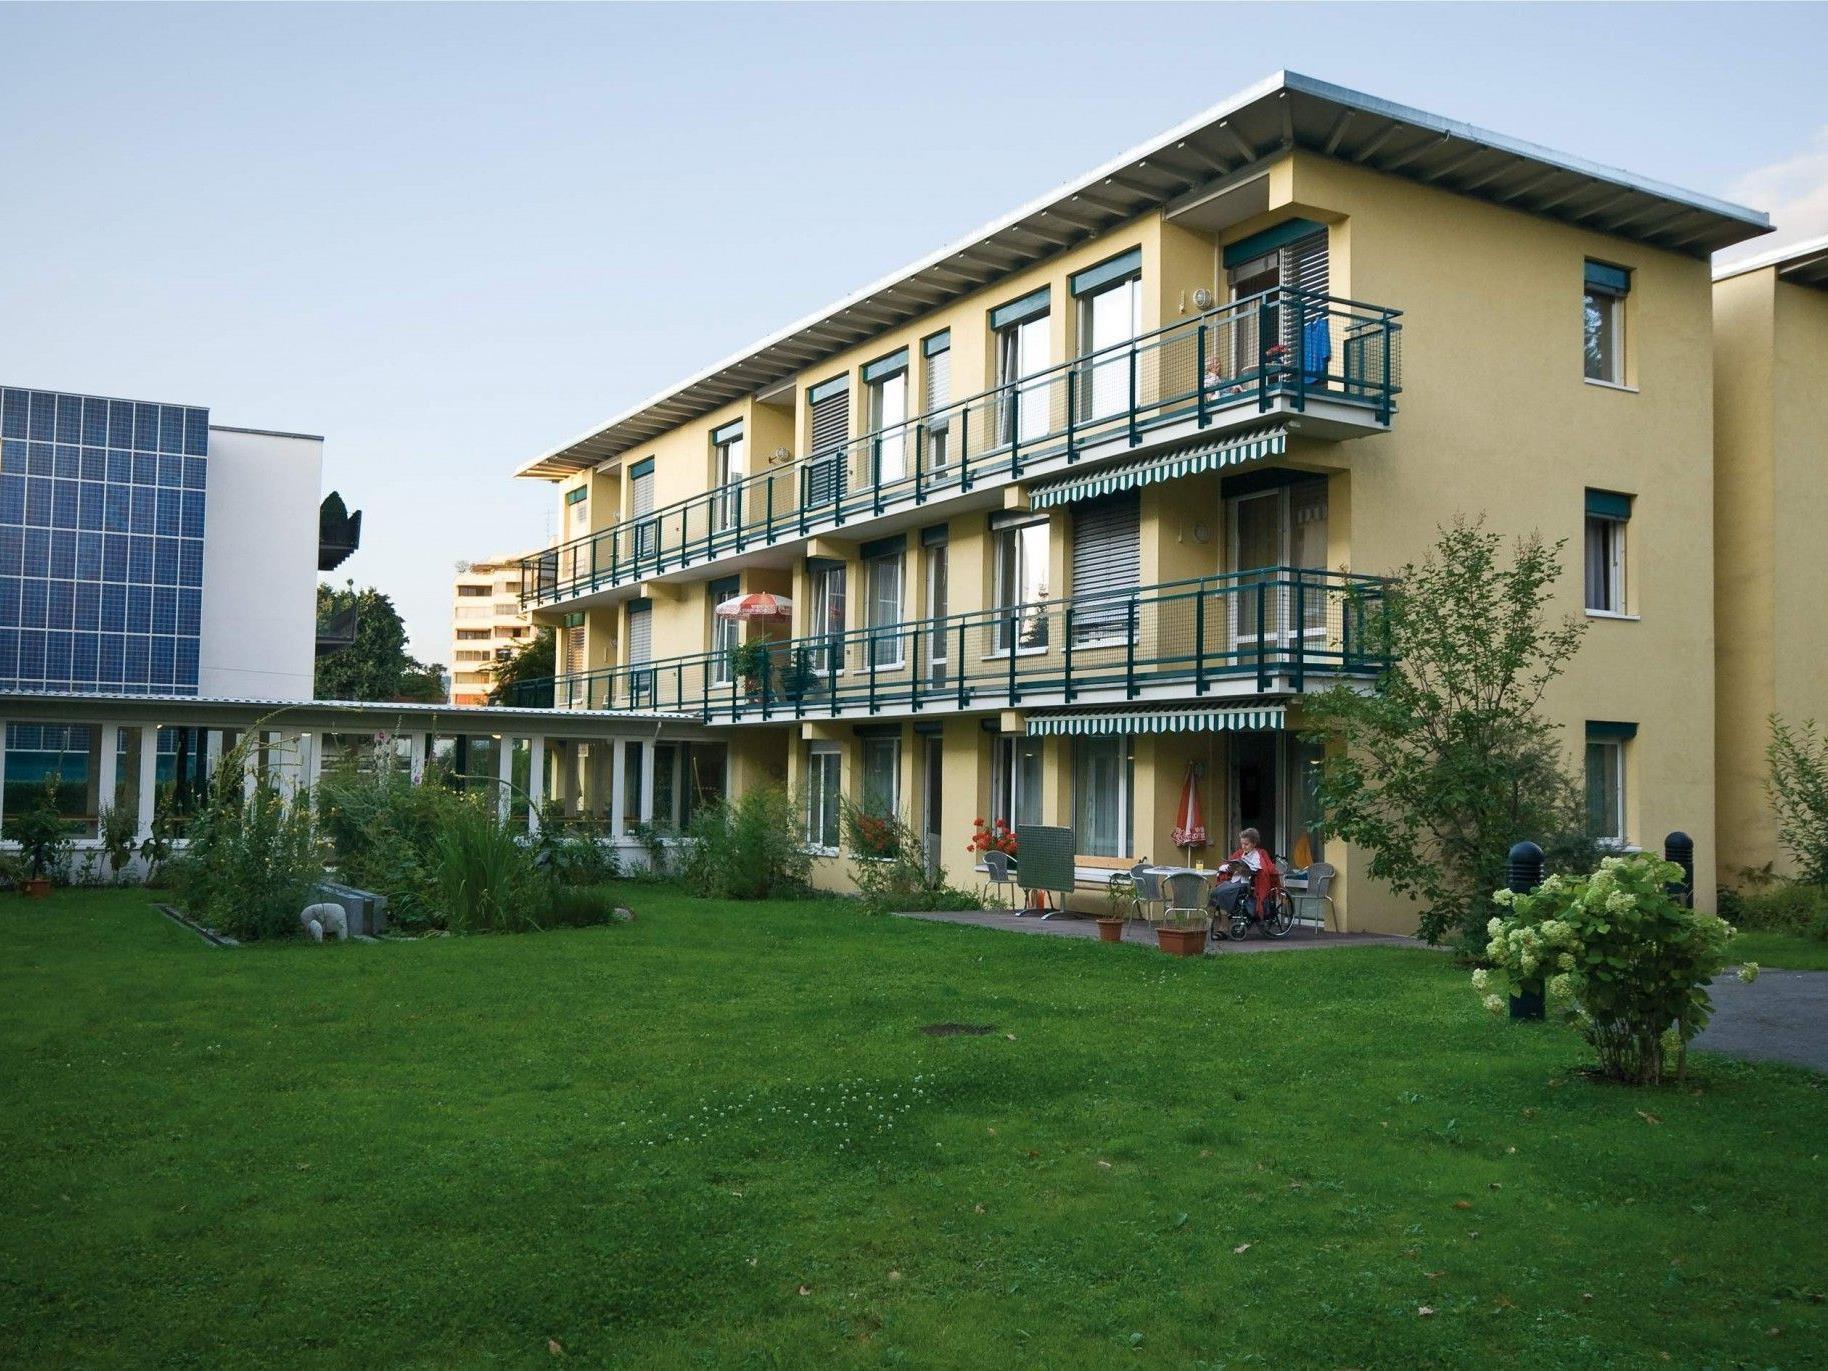 Seit 1997 verbrachten 700 Menschen ihren Lebensabend in der Senioren Residenz Martinsbrunnen im Herzen von Dornbirn.